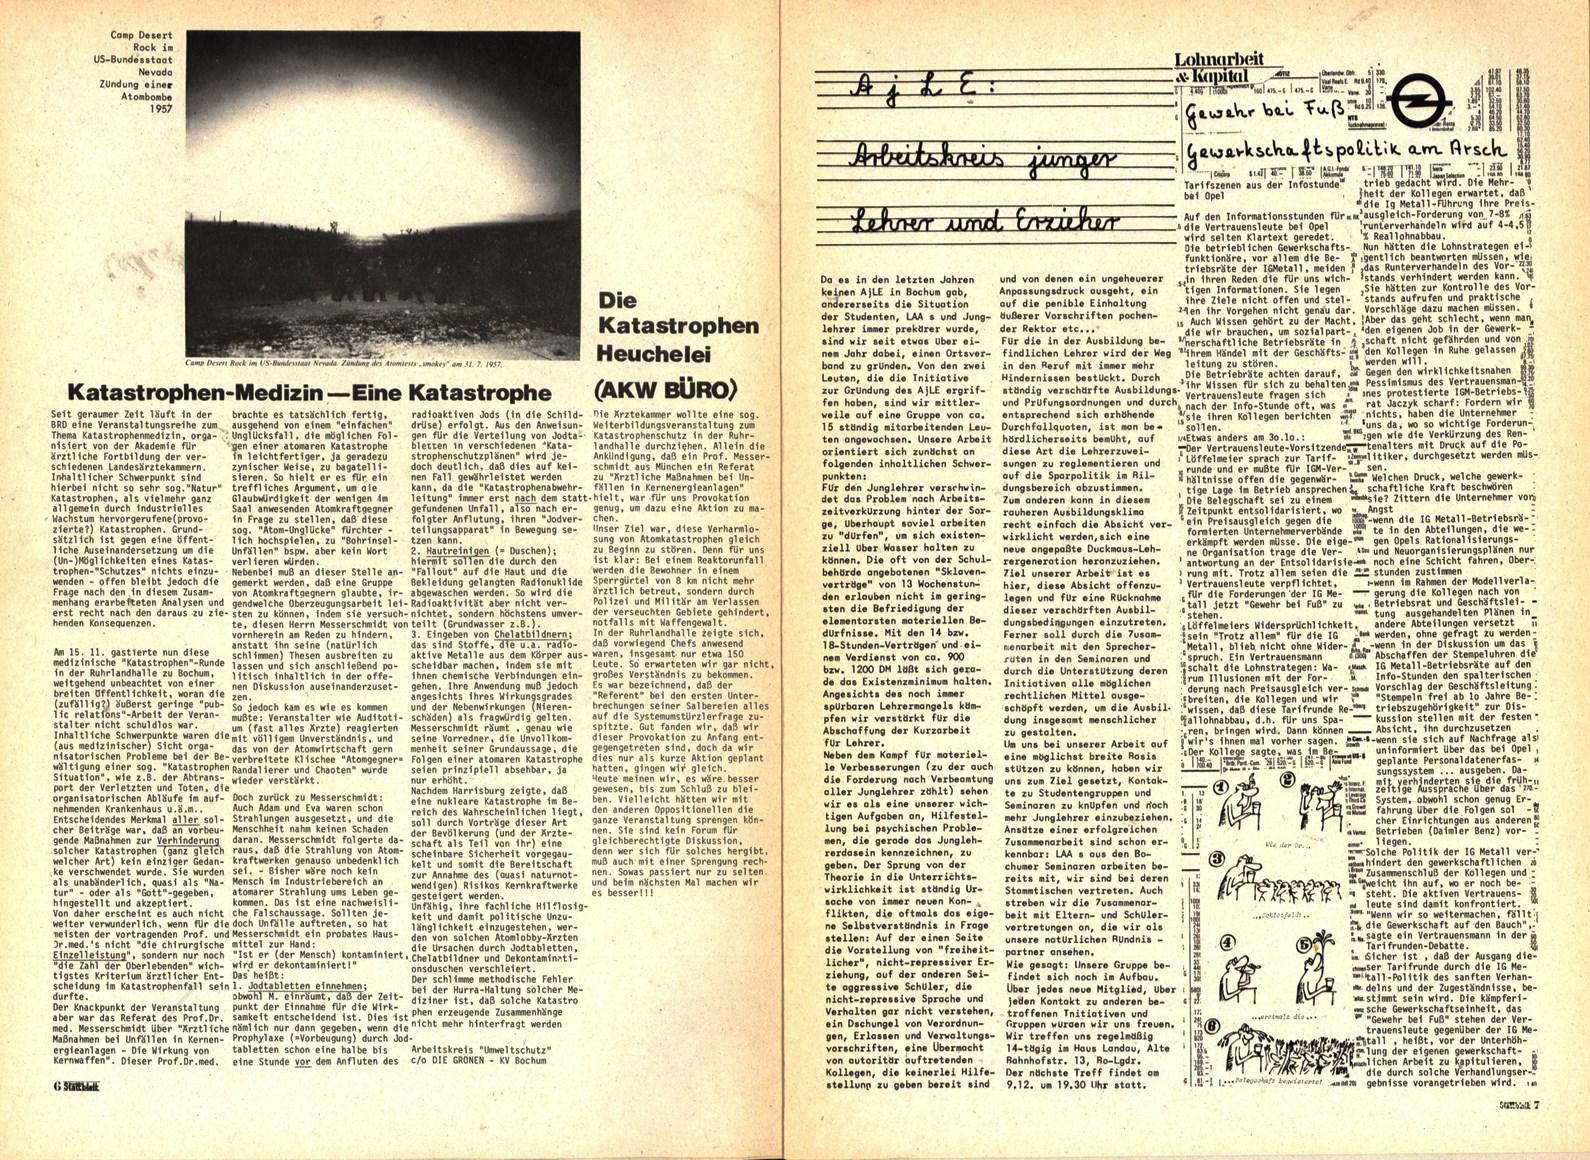 Bochum_Stattblatt_19801200_43_04